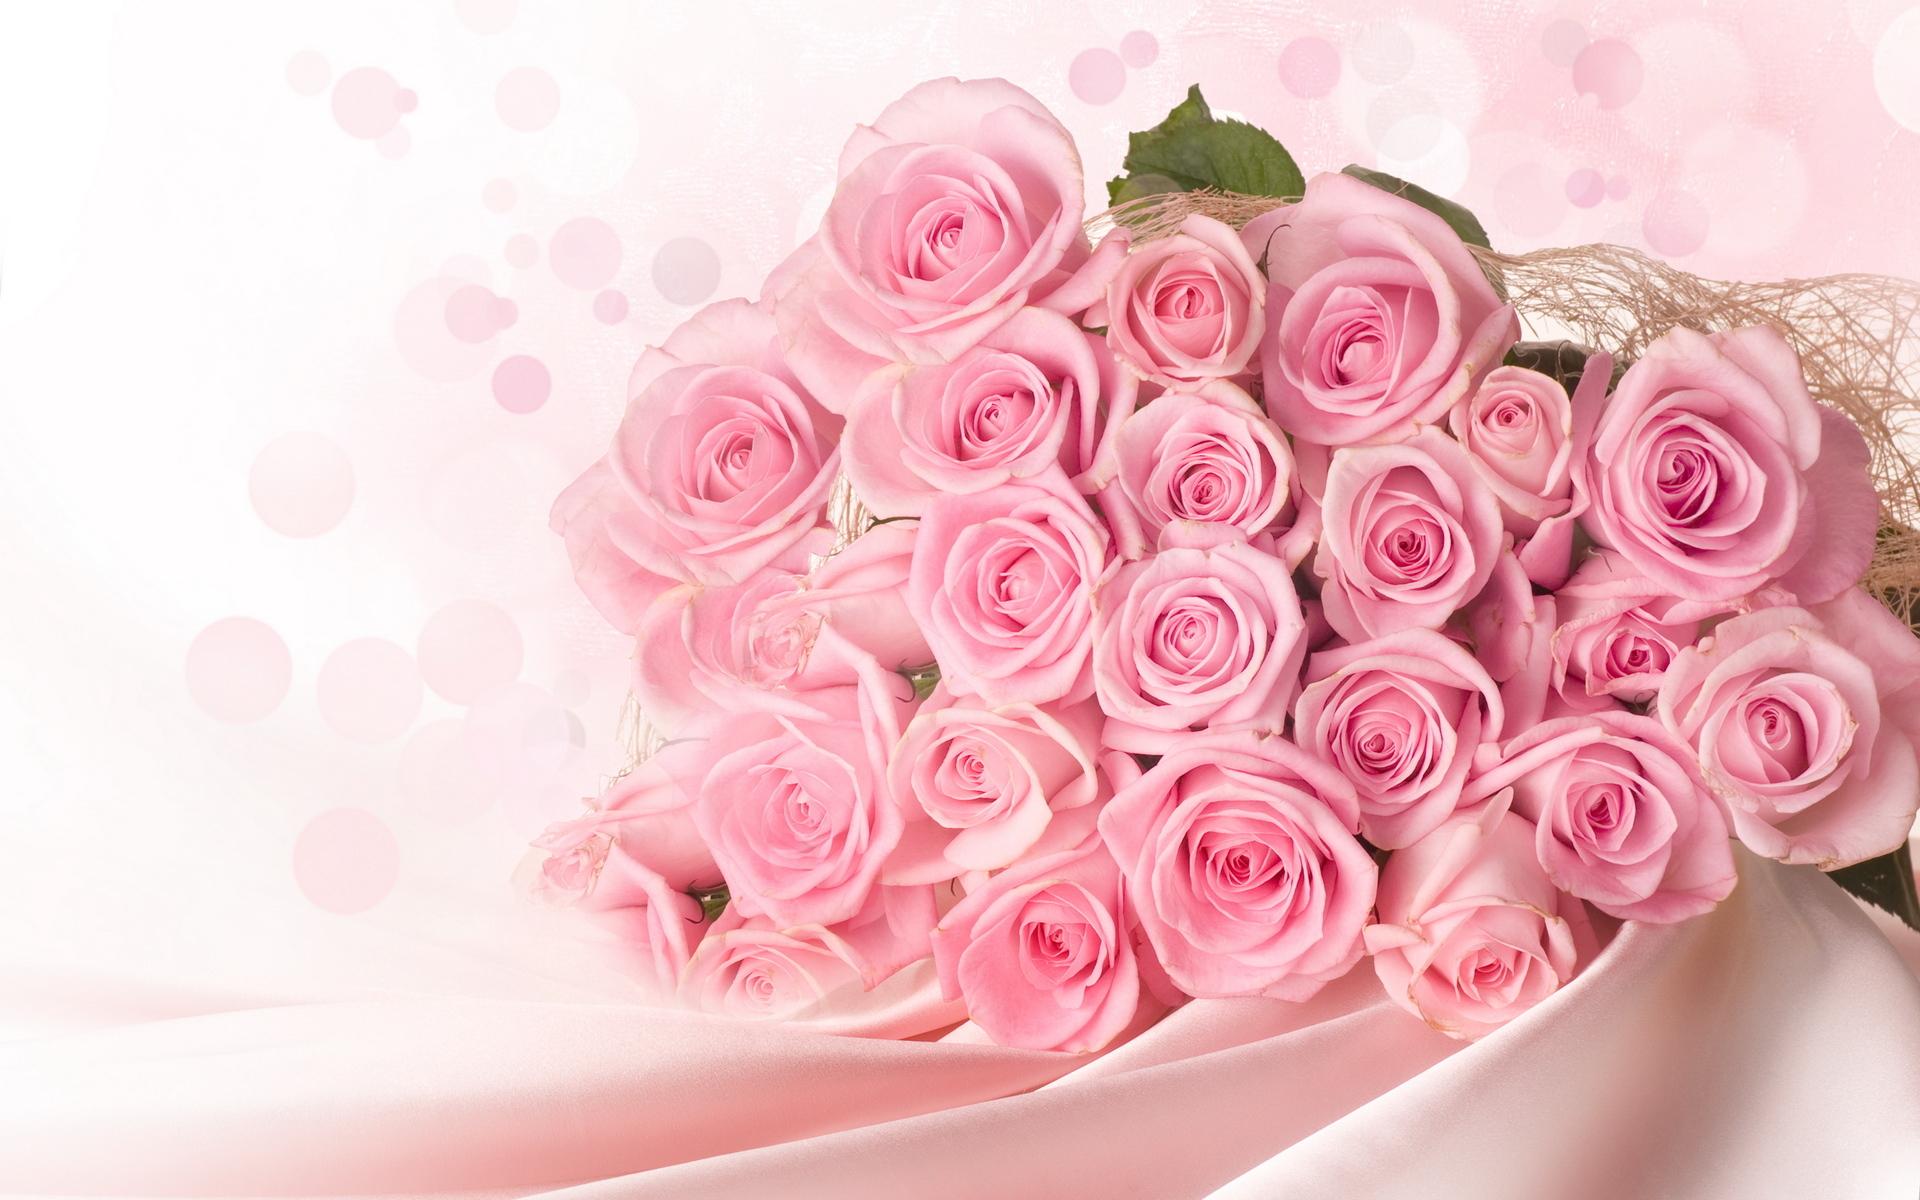 Открытки с цветами розовых роз, понедельник начало